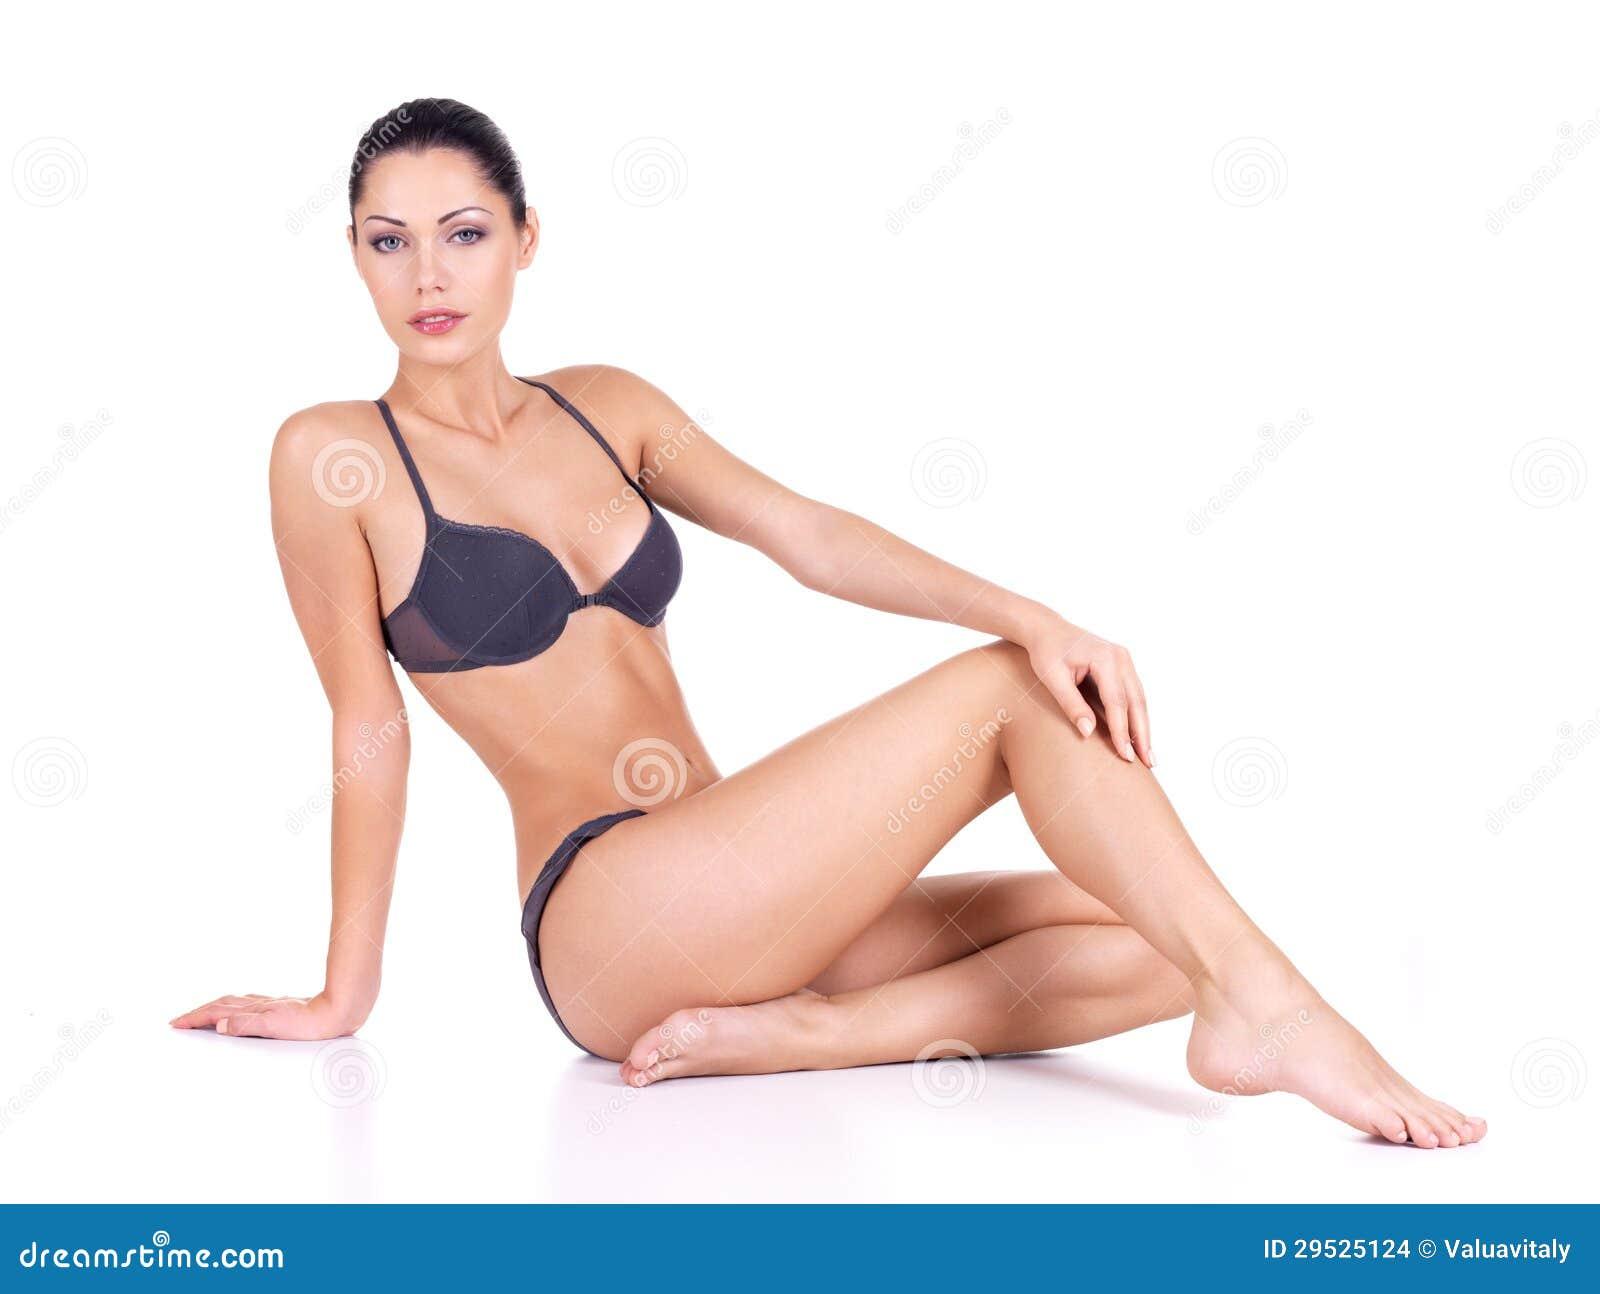 Beautiful classy women-5124